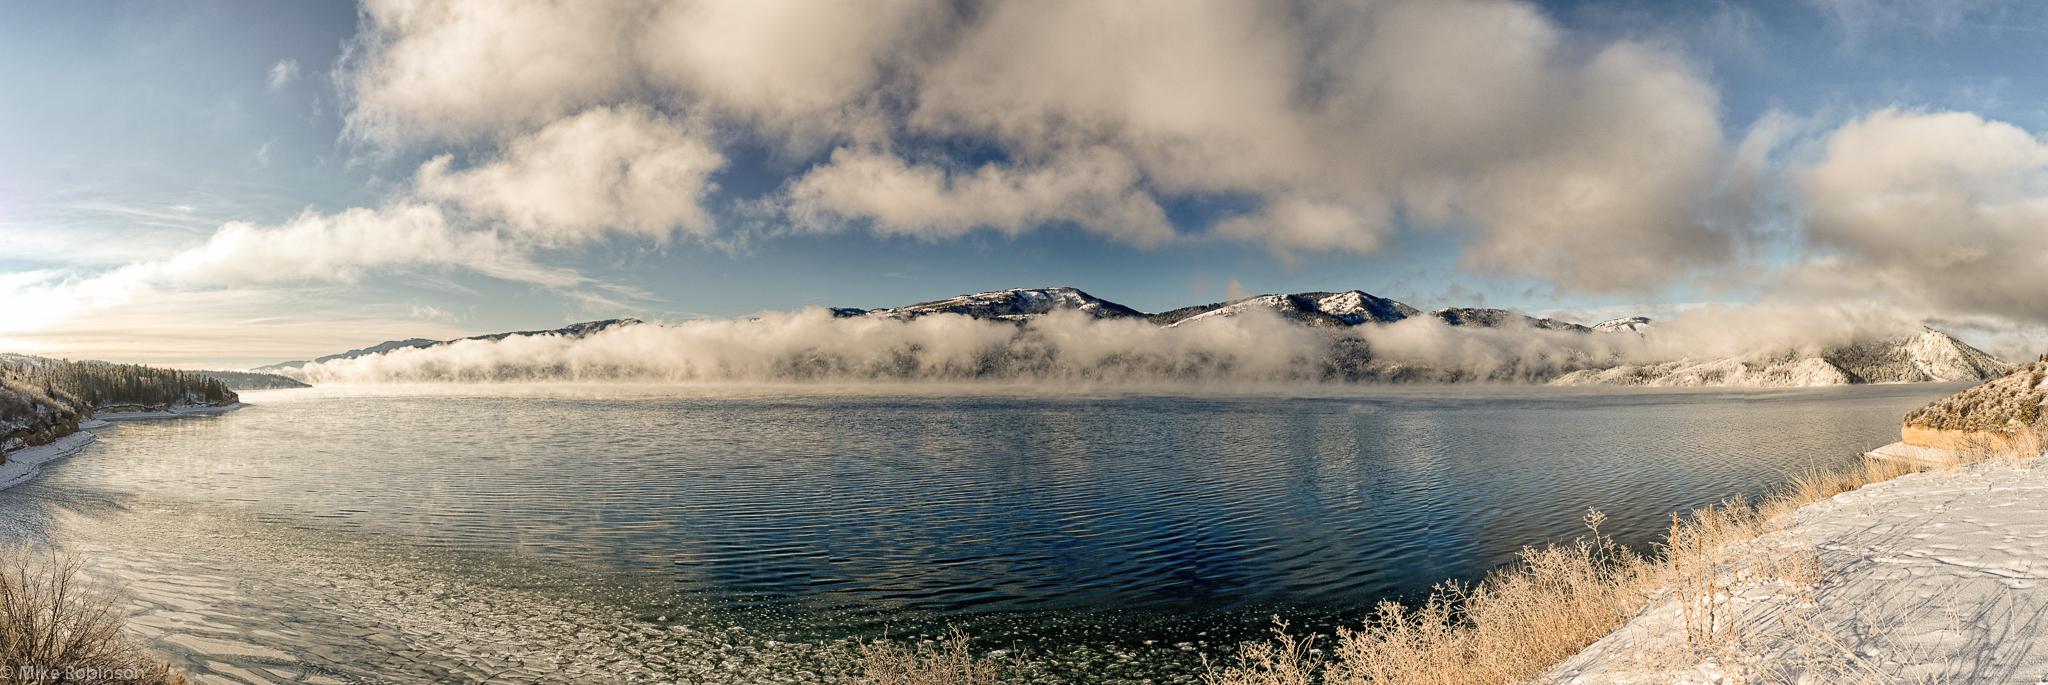 Pano_Palisades_Winter_Morning_2